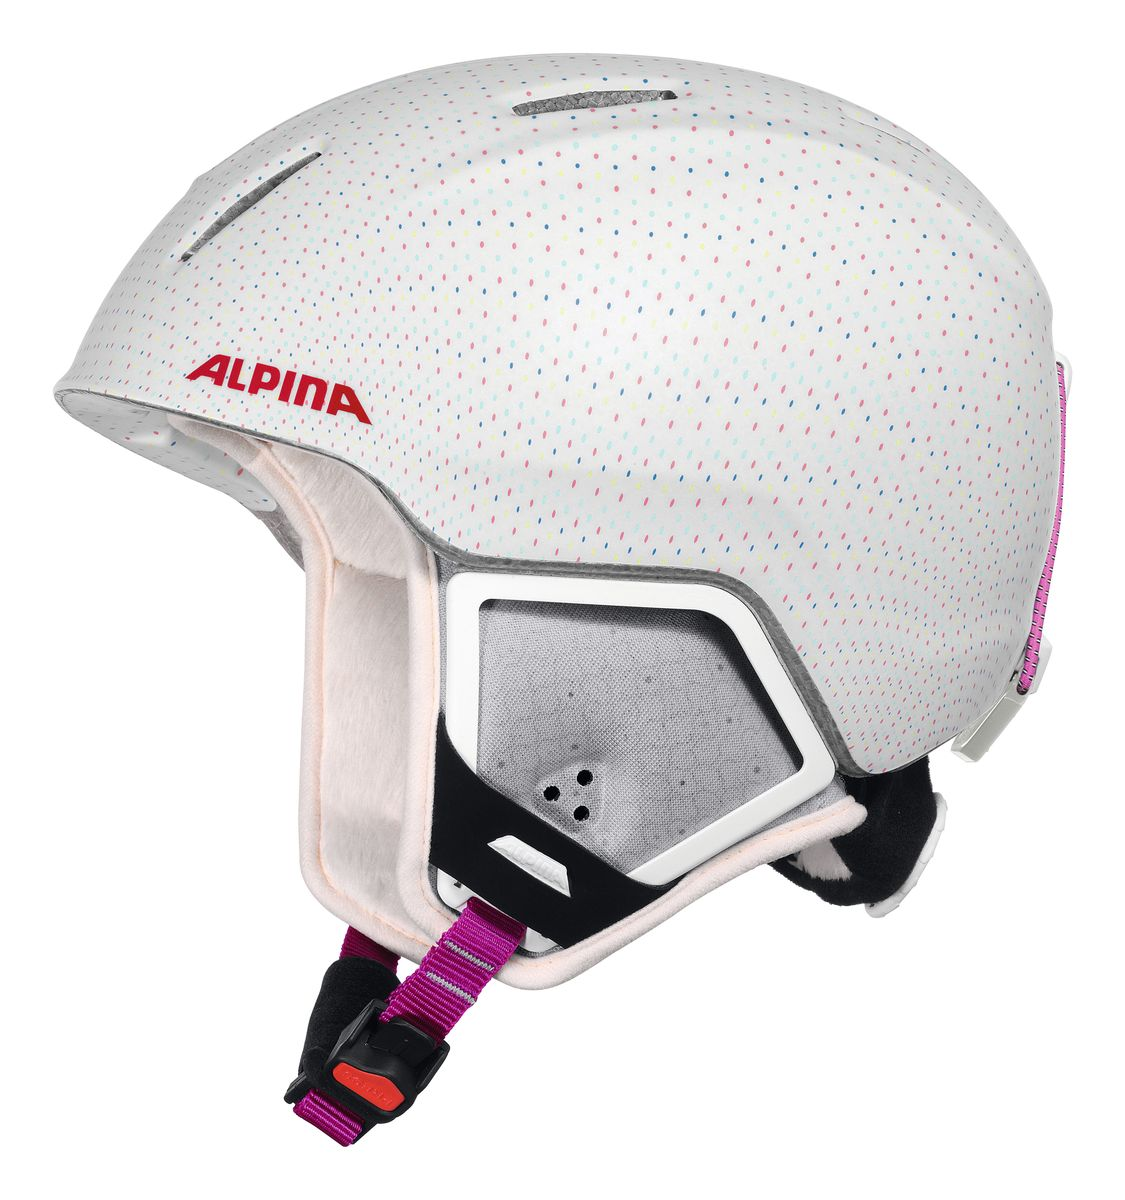 Шлем зимний Alpina Carat Xt, цвет: белый. Размер 54-58. 9080_119080_11Особенности:• Вентиляционные отверстия препятствуют перегреву и позволяют поддерживать идеальную температуру внутри шлема. Для этого инженеры Alpina используют эффект Вентури, чтобы сделать циркуляцию воздуха постоянной и максимально эффективной.• Внутренник шлема легко вынимается, стирается, сушится и вставляется обратно.• Из задней части шлема можно достать шейный утеплитель из мякого микро-флиса. Этот теплый воротник также защищает шею от ударов на высокой скорости и при сибирских морозах. В удобной конструкции отсутствуют точки давления на шею.• Прочная и лёгкая конструкция In-moldInmould - технология, при которой внутренняя оболочка из EPS (вспененного полистирола) покрыта поликарбонатом. Внешняя тонкая жесткая оболочка призвана распределить энергию от удара по всей площади шлема, защитить внутреннюю часть от проникновения острых осколков и сохранить ее форму. Внутренняя толстая мягкая оболочка демпфирует ударную энергию, предохраняя головной мозг от ударов. Такой шлем наиболее легкий и подходит большинству горнолыжников, не бросающих вызов судьбе в поисках адреналина. . Тонкая и прочная поликарбонатная оболочка под воздействием высокой температуры и давления буквально сплавляется с гранулами EPSВспенивающийся полистирол (ПСВ) являлся изоляционным полимерным материалом. Каждая гранула состоит из равномерно распределенных микроскопических плотных клеток заполненных воздухом. Пенополистирол на 98% состоит из воздуха и только на 2% из полистирола. Такая структура и придает замечательные свойства материалу, получившему заслуженное признание во всем мире. Прочность пенополистирола позволяет применять его в качестве конструктивного элемента, способного нести значительные нагрузки в течение длительного времени. Пенополистирол не гигроскопичен, он обладает хорошими механическими и изоляционными свойствами и значительной конструкционной гибкостью., которые гасят ударную нагрузку.• Внутренная оболочка 